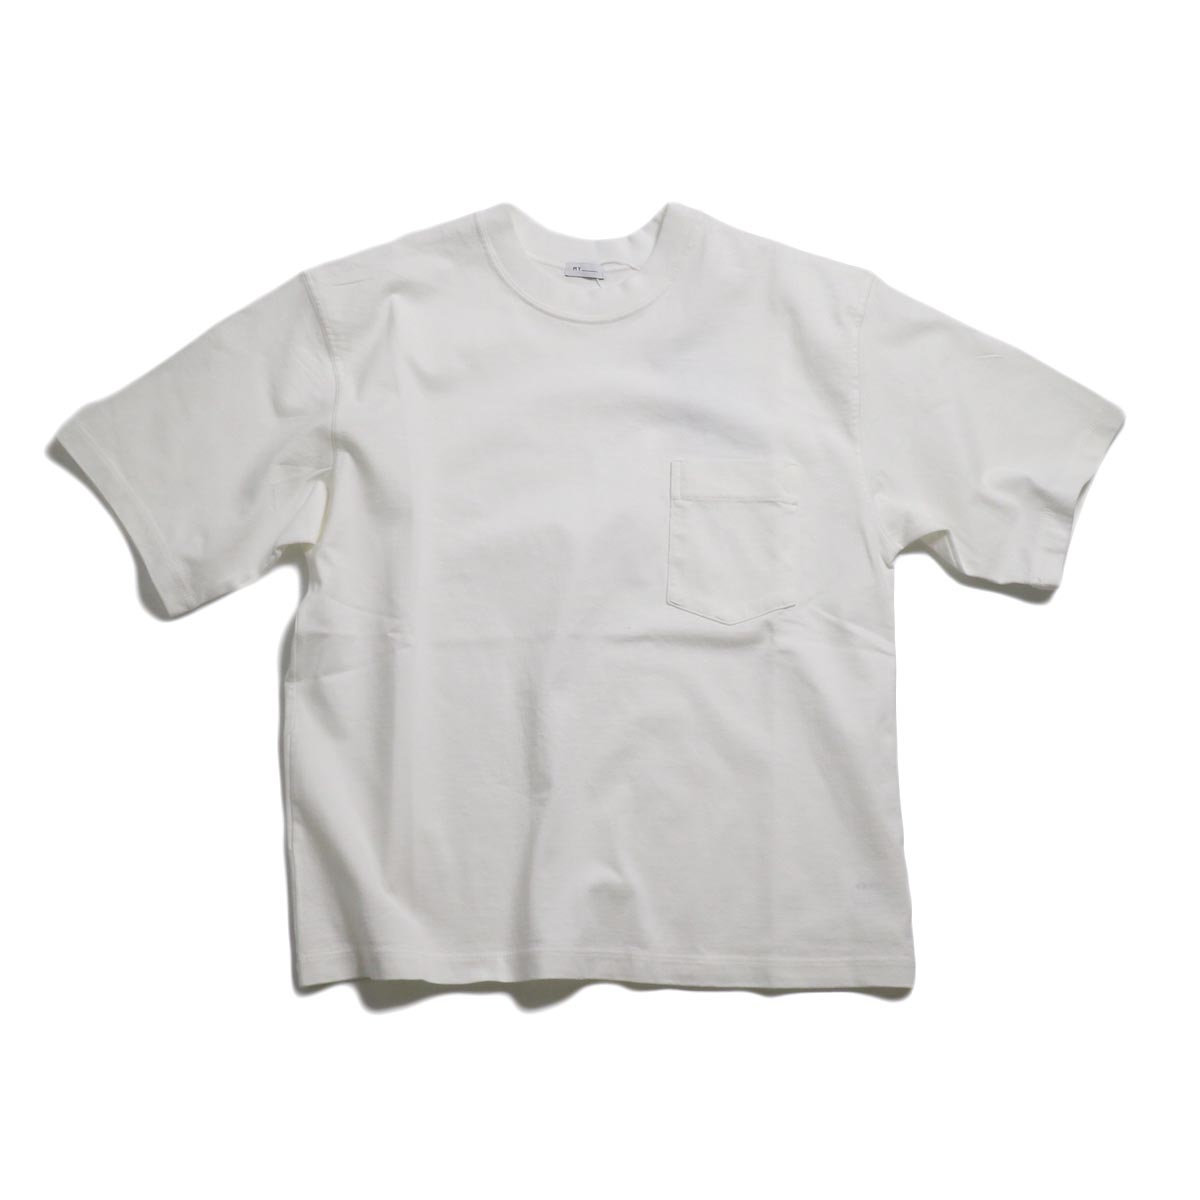 MY_ / Yaah Dozume Pocket T-Shirt -White